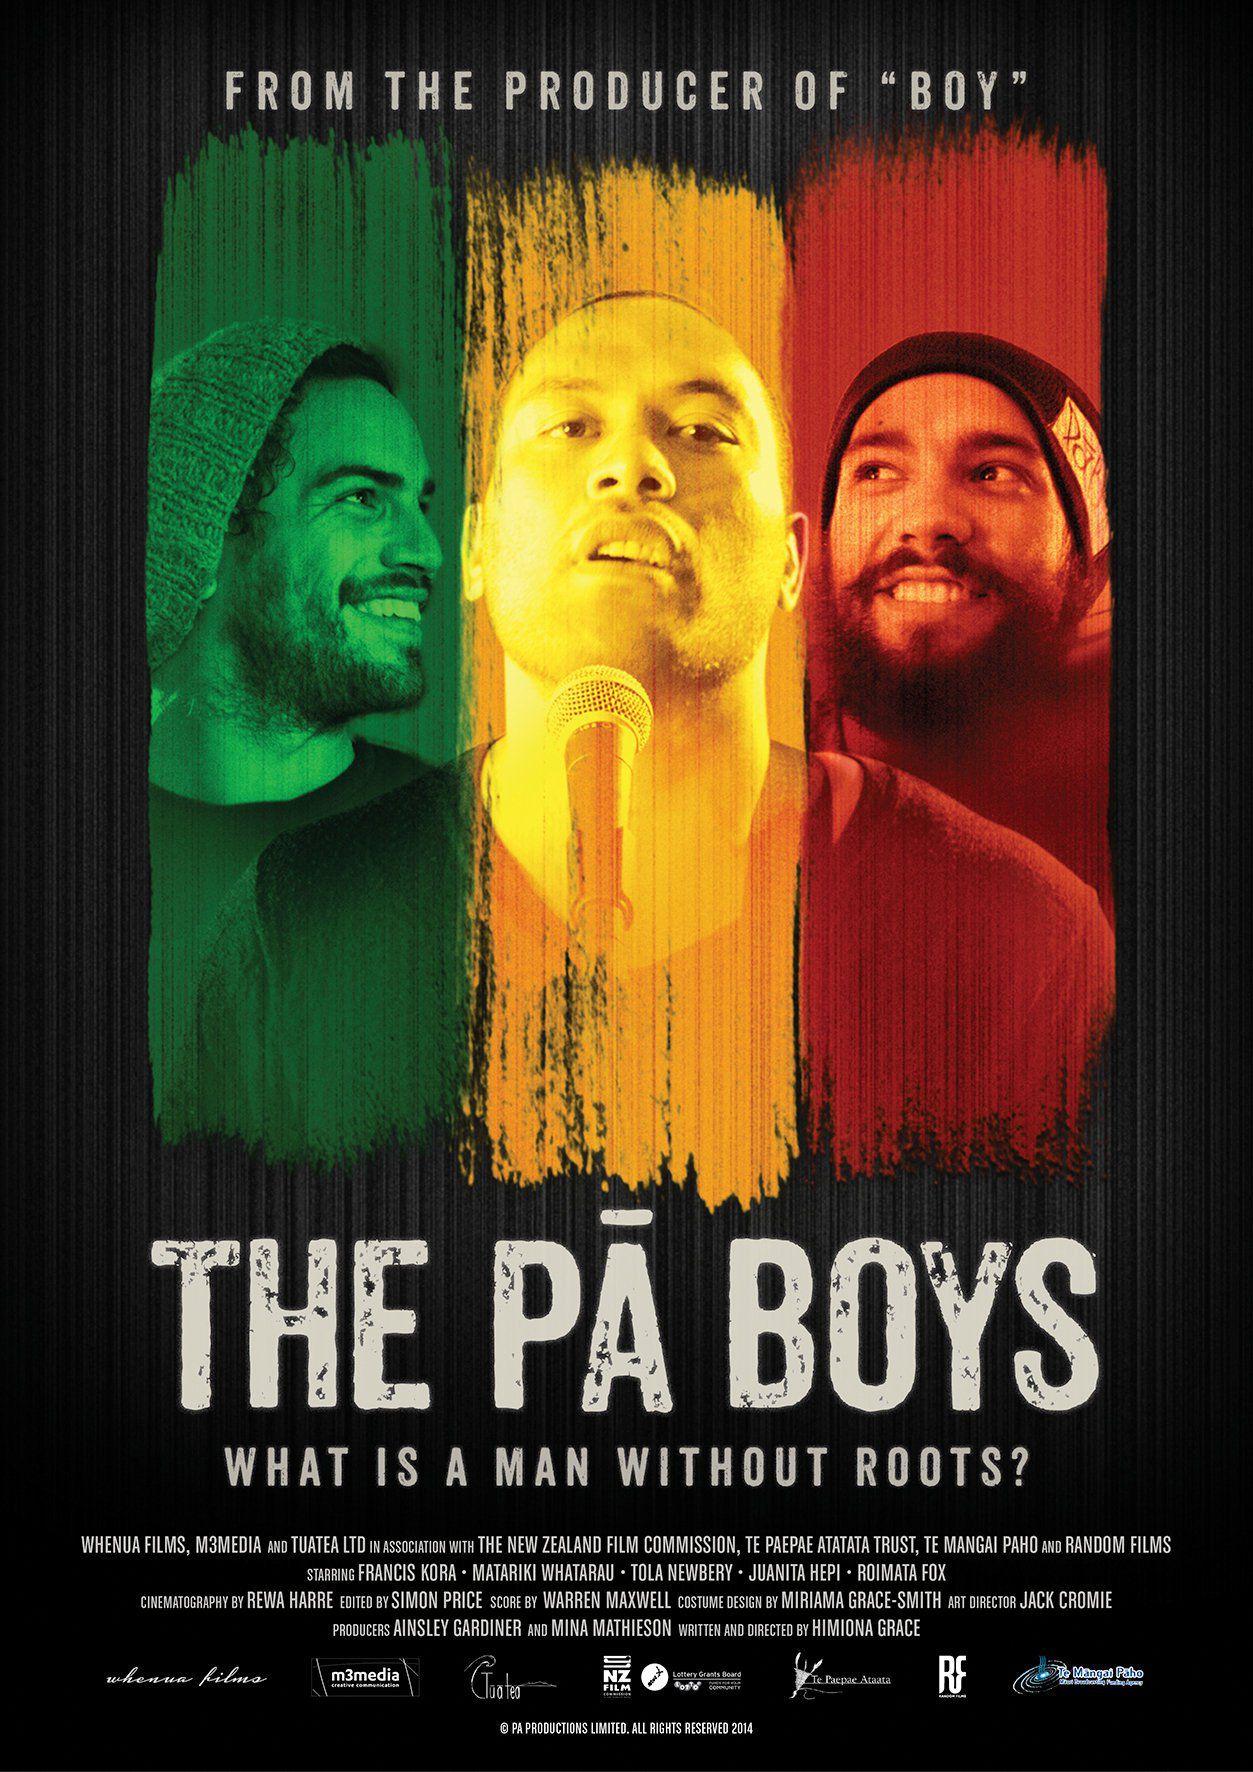 The_Pa_Boys